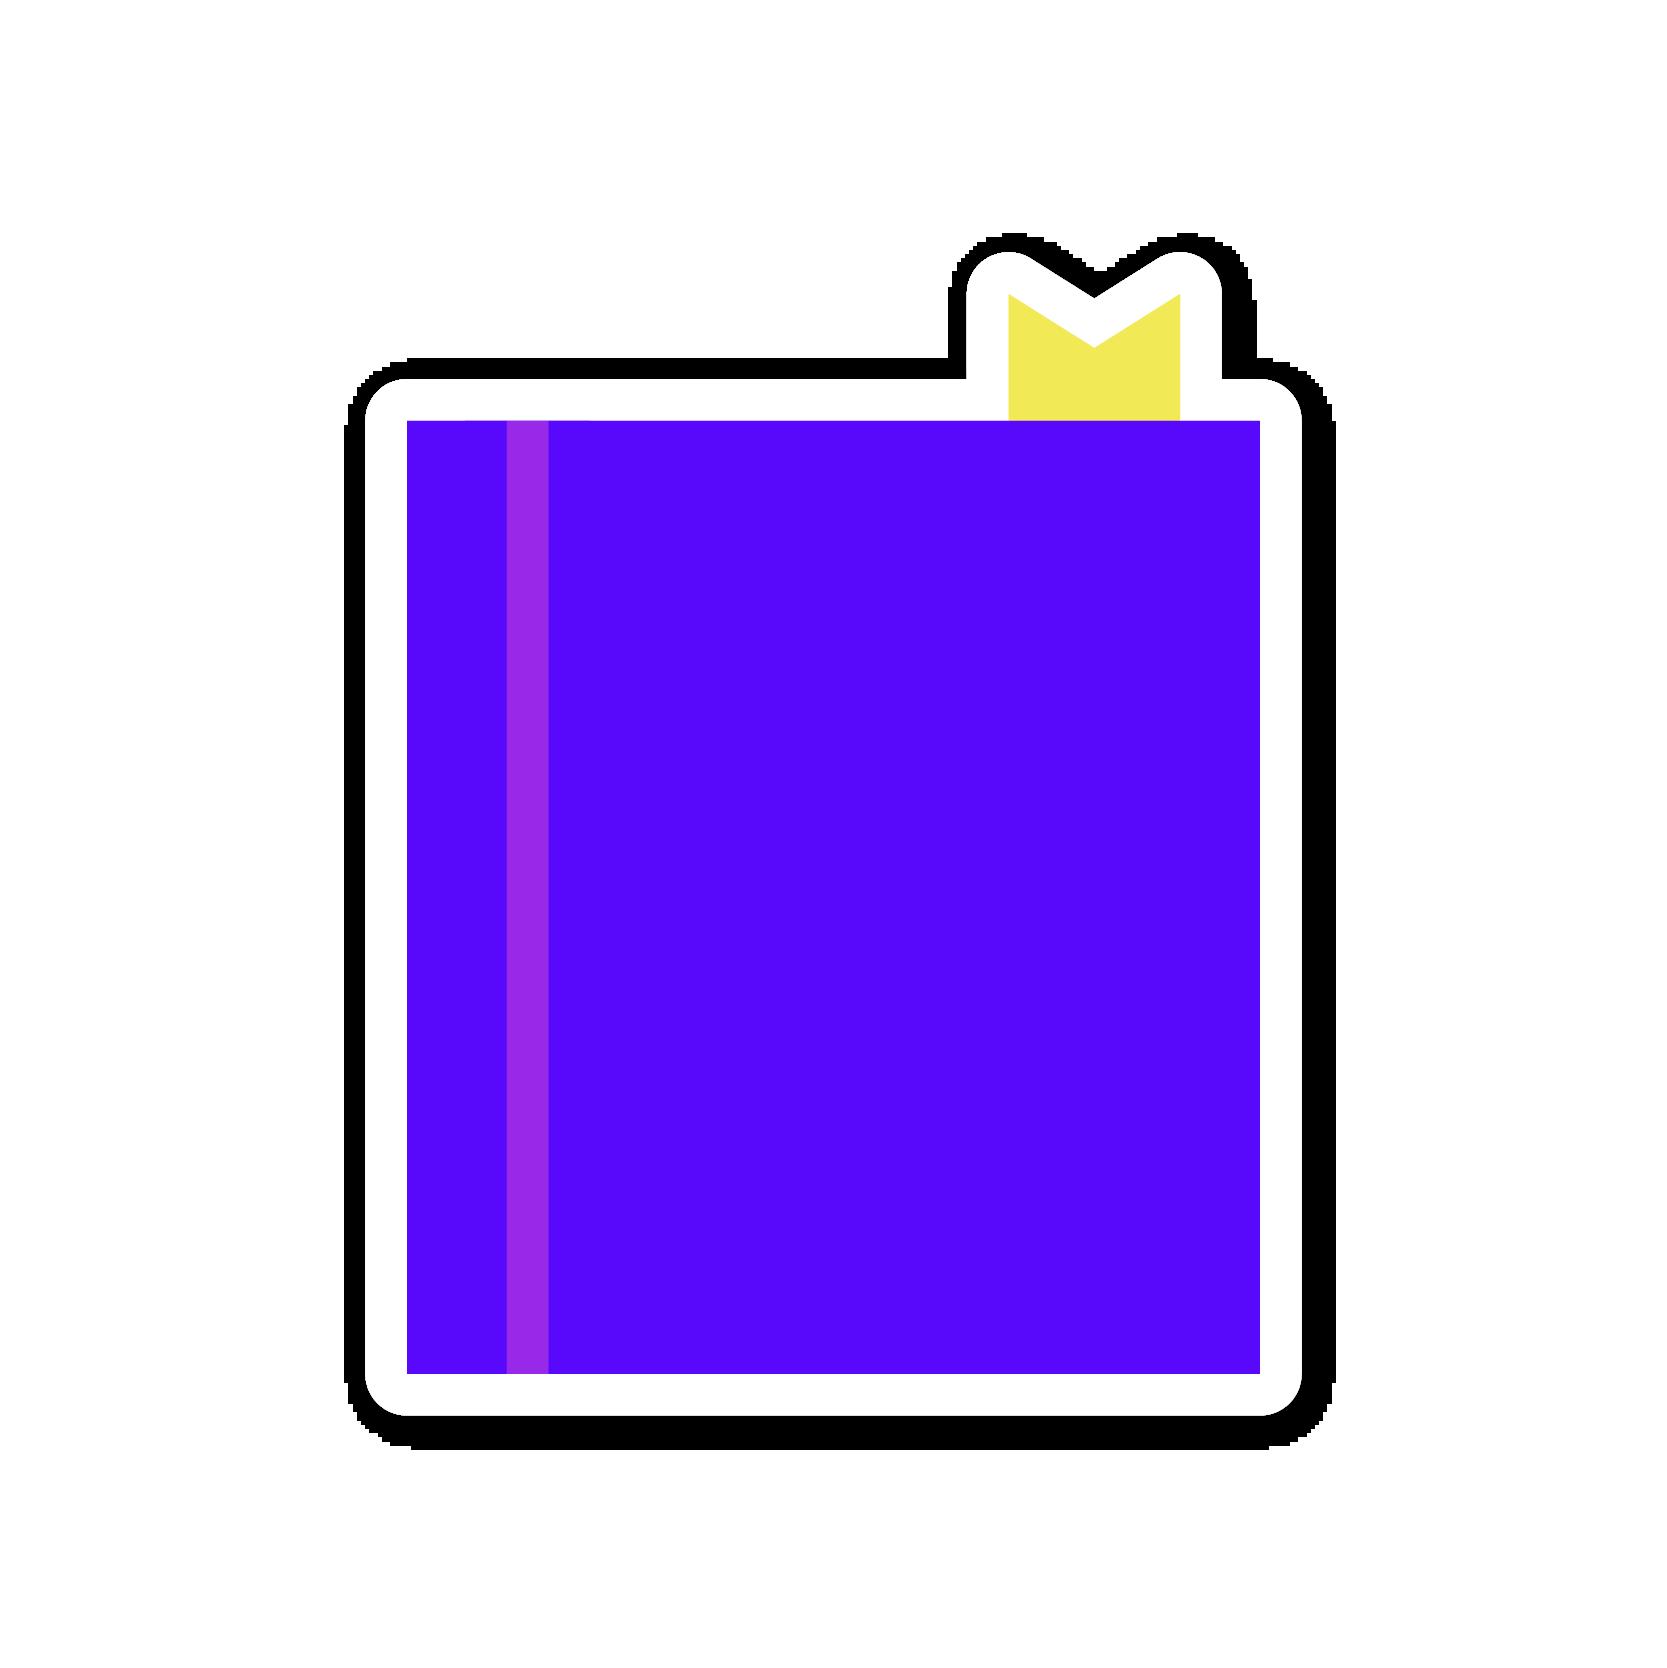 A purple book sticker